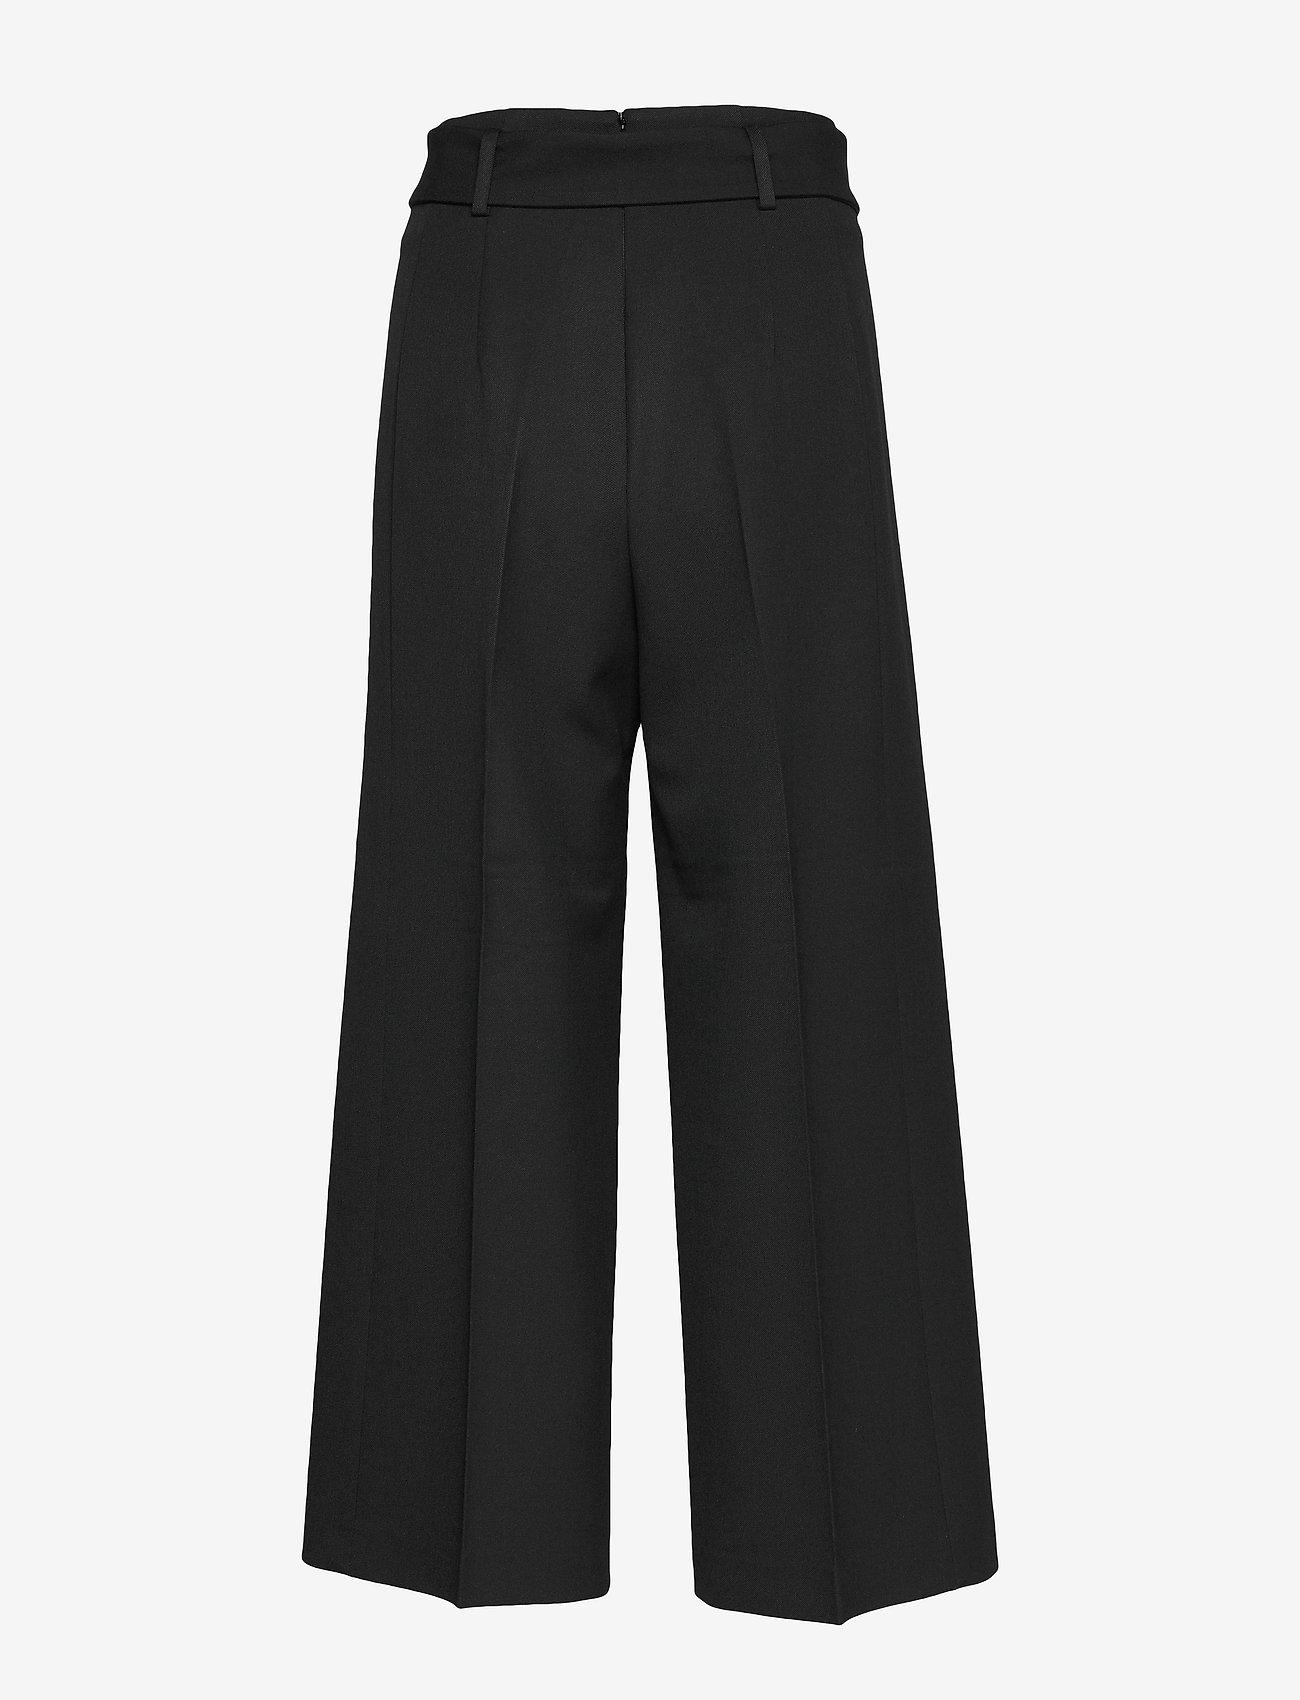 BOSS - Trima1 - bukser med brede ben - black - 1